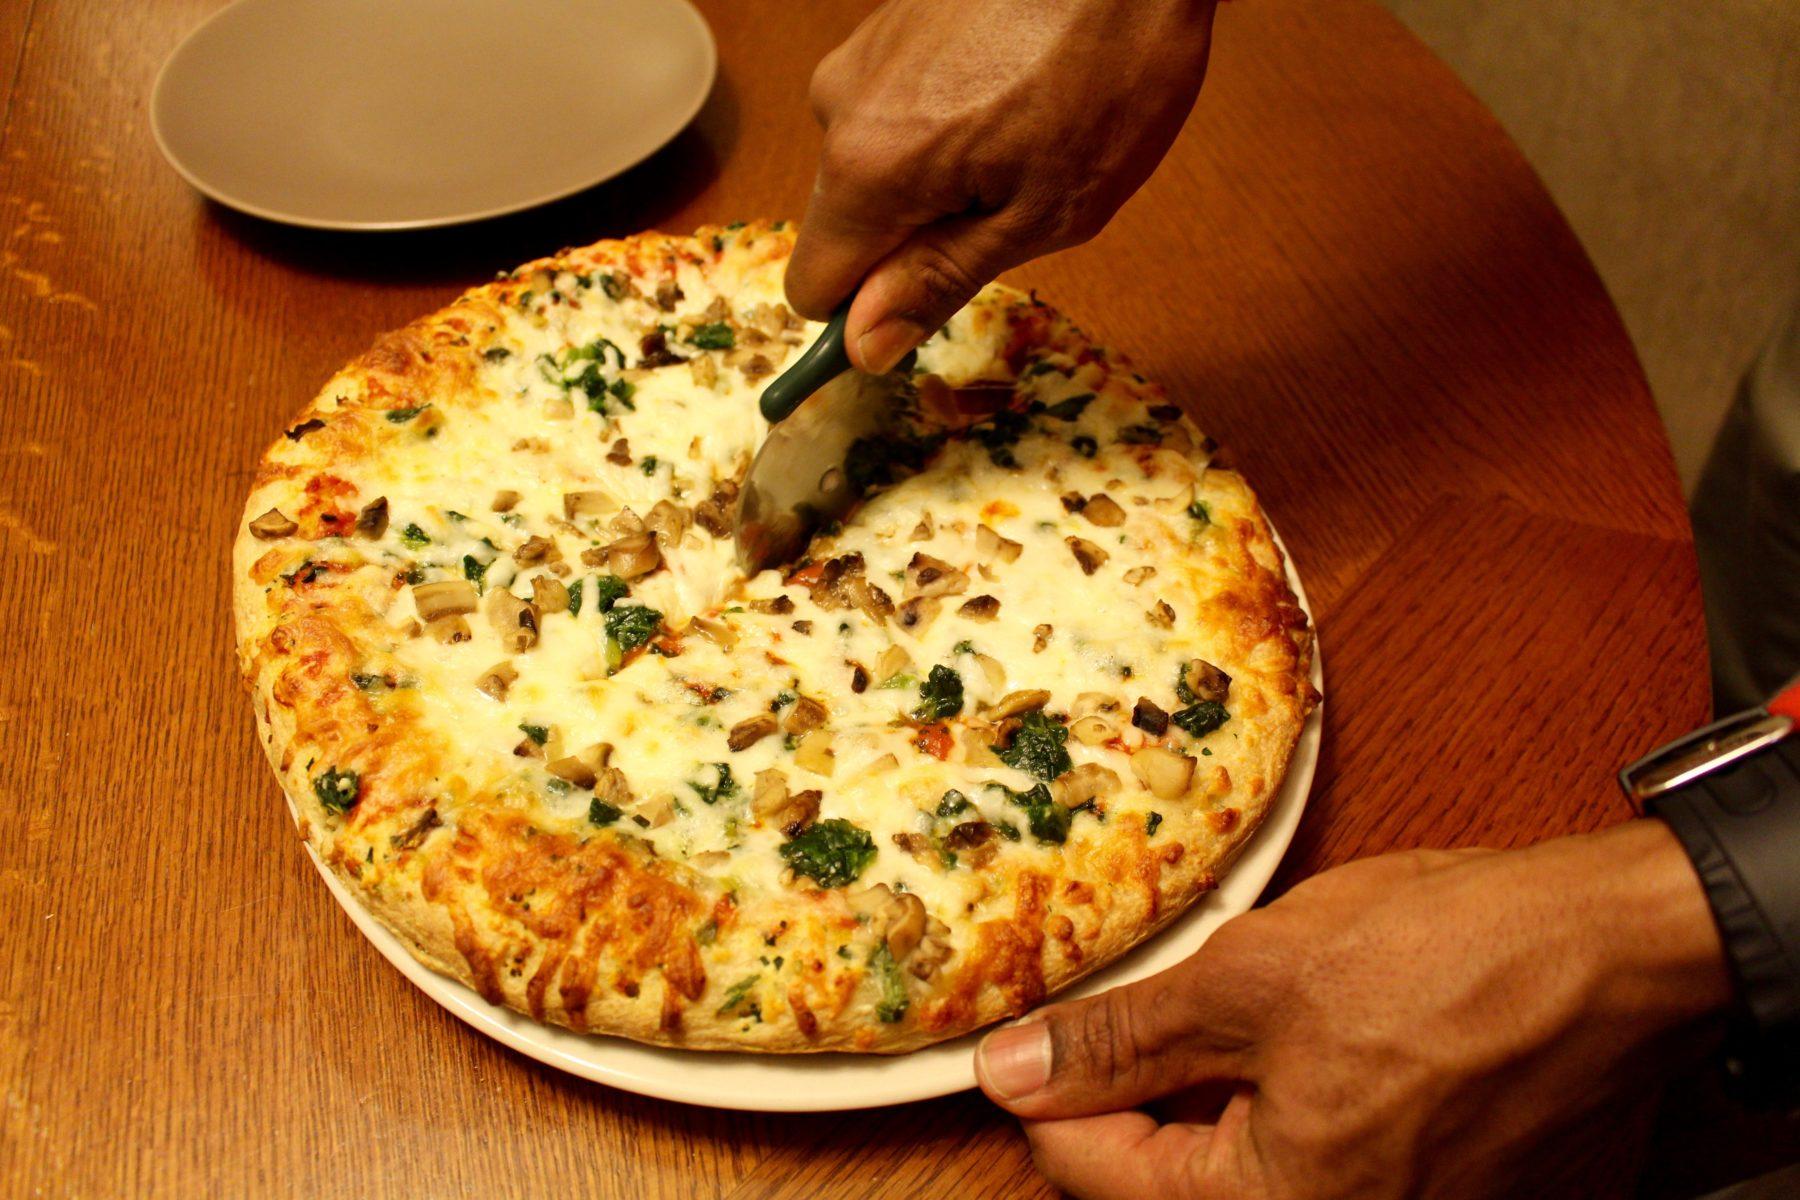 Digiorno spinach and mushroom pizza